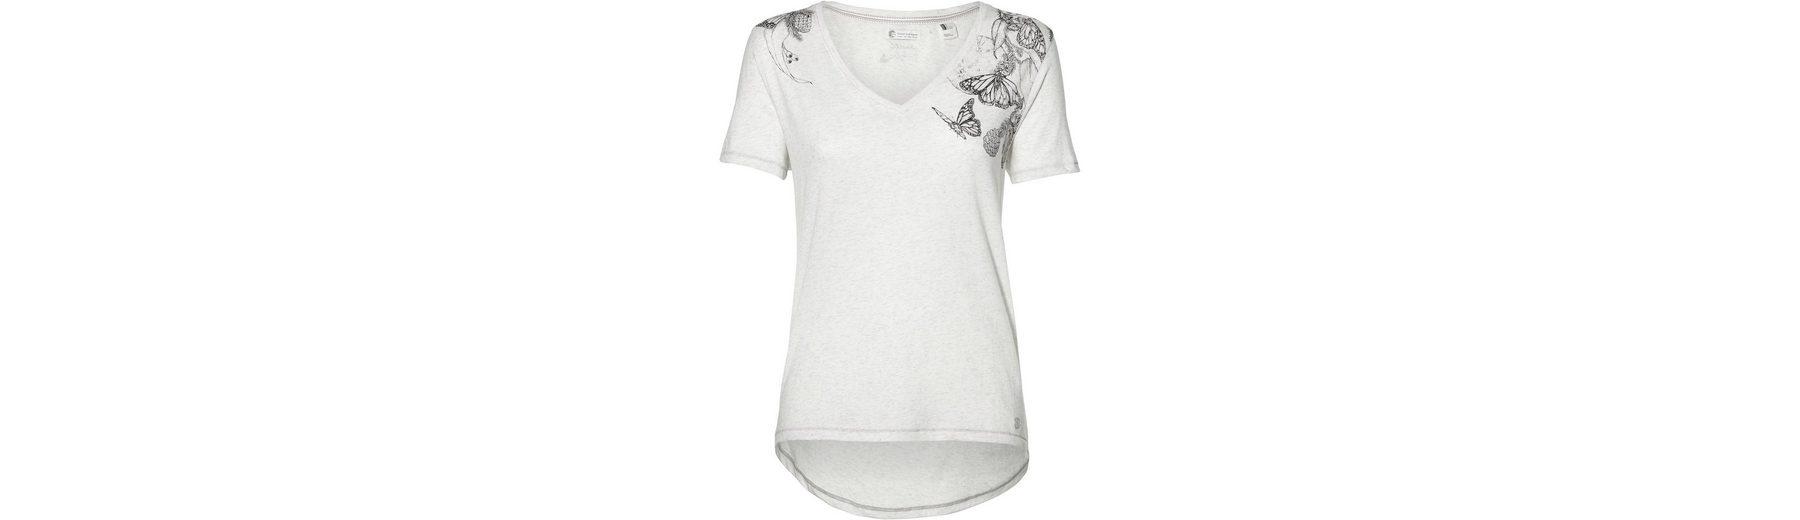 O'Neill T-Shirt Marisa Freies Verschiffen Mode-Stil Tebq4VD1H